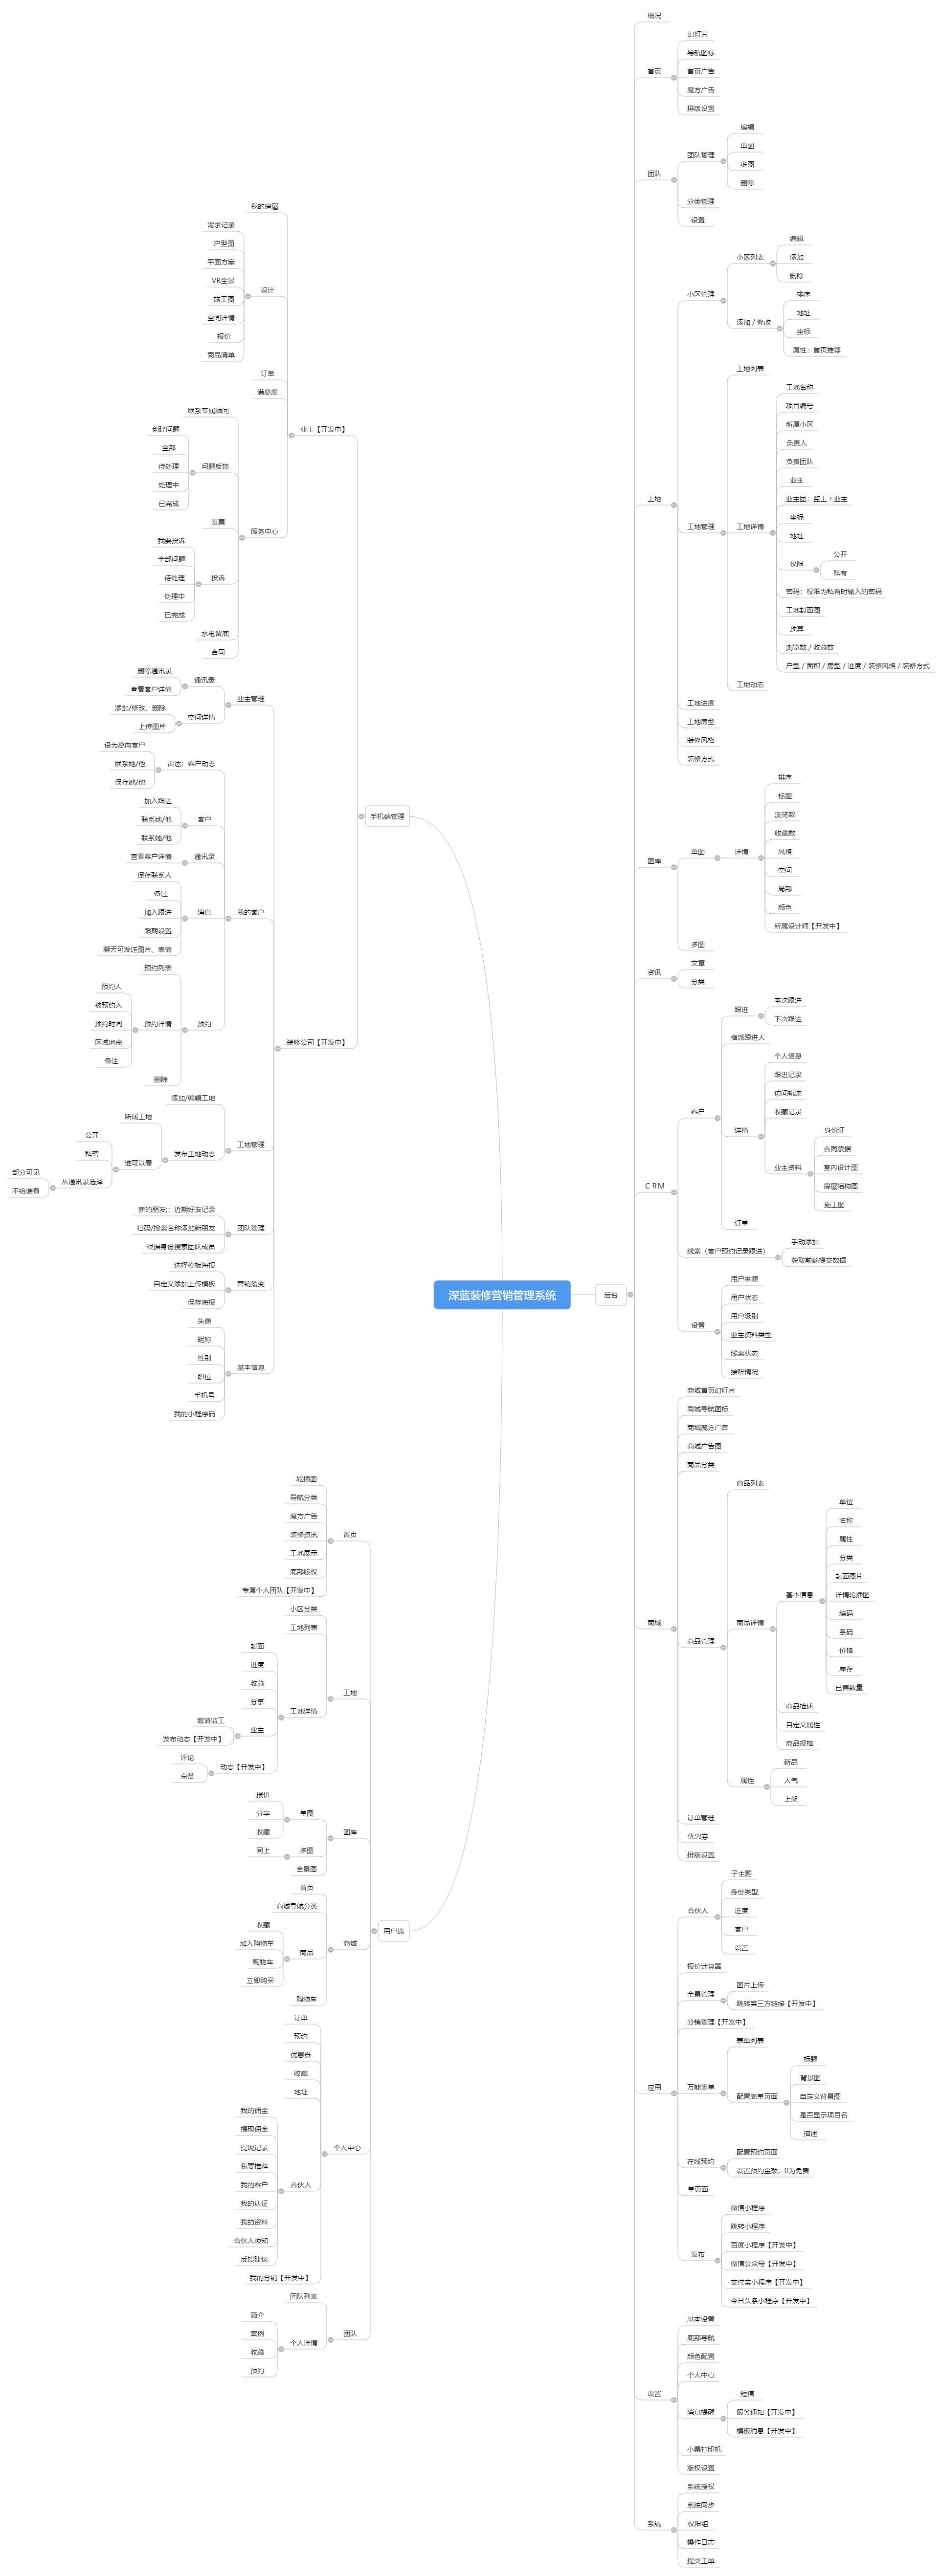 深蓝装修营销管理系统(5).jpg